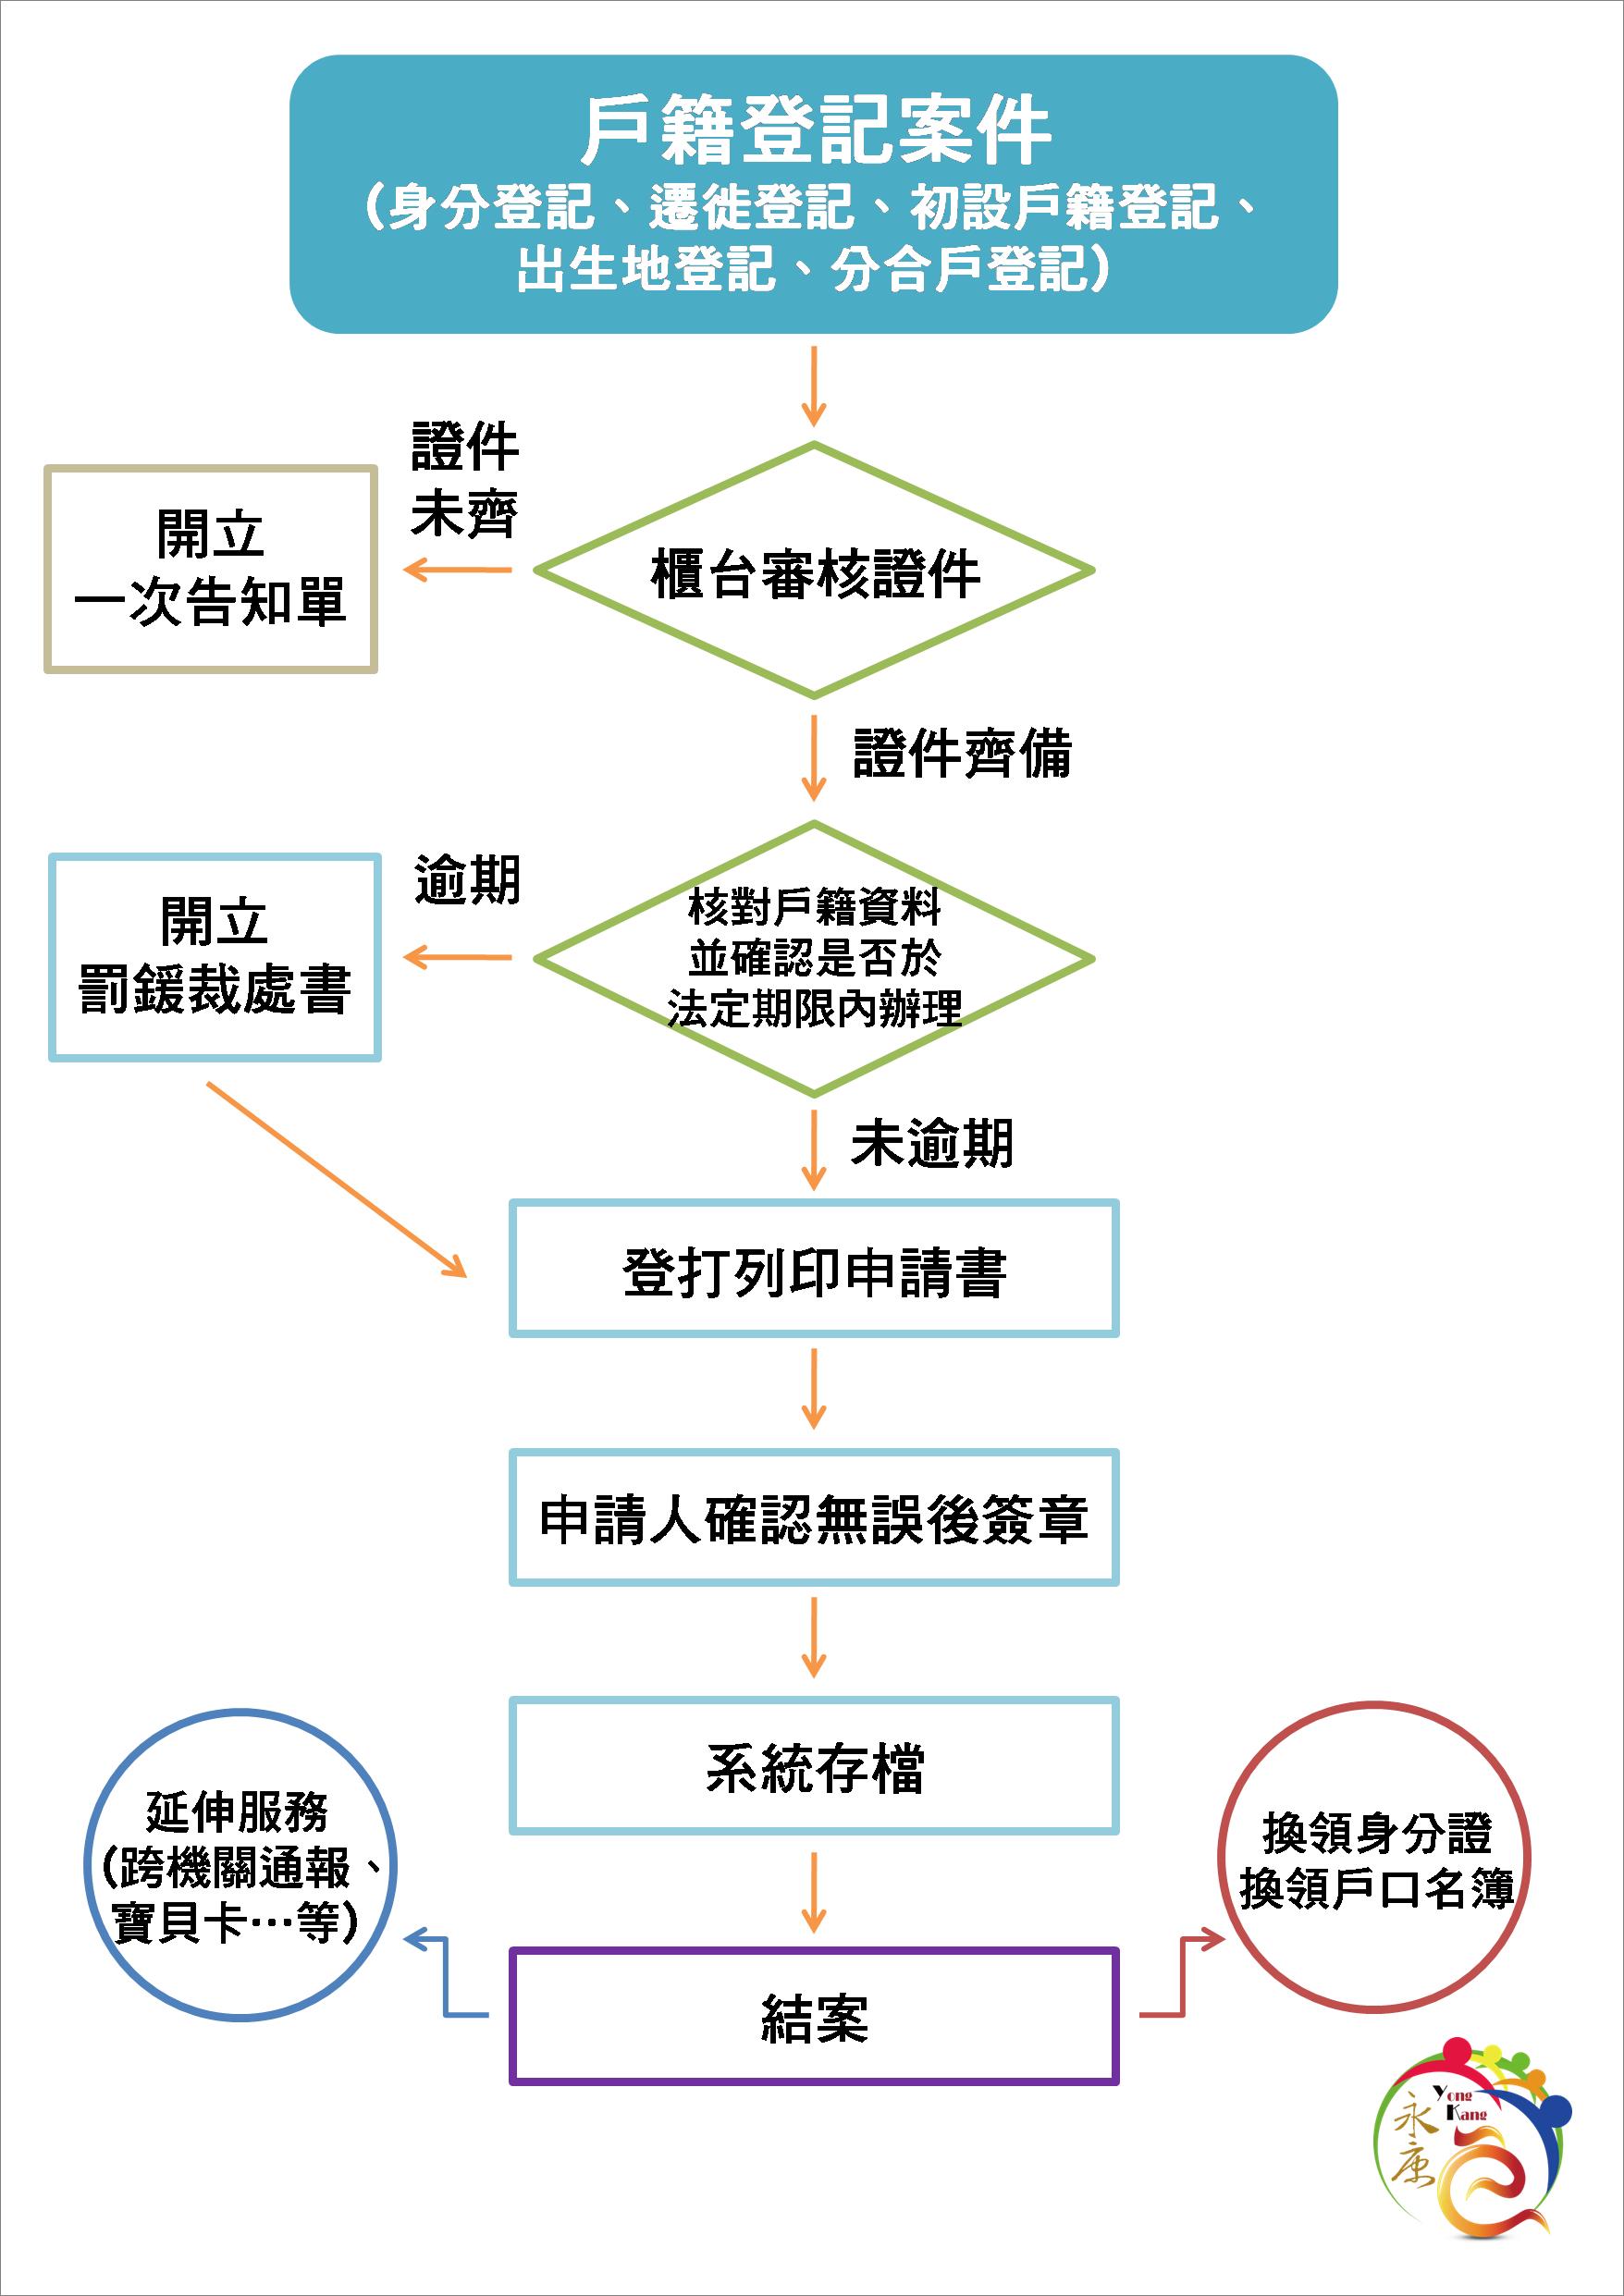 戶籍登記案件受理流程圖